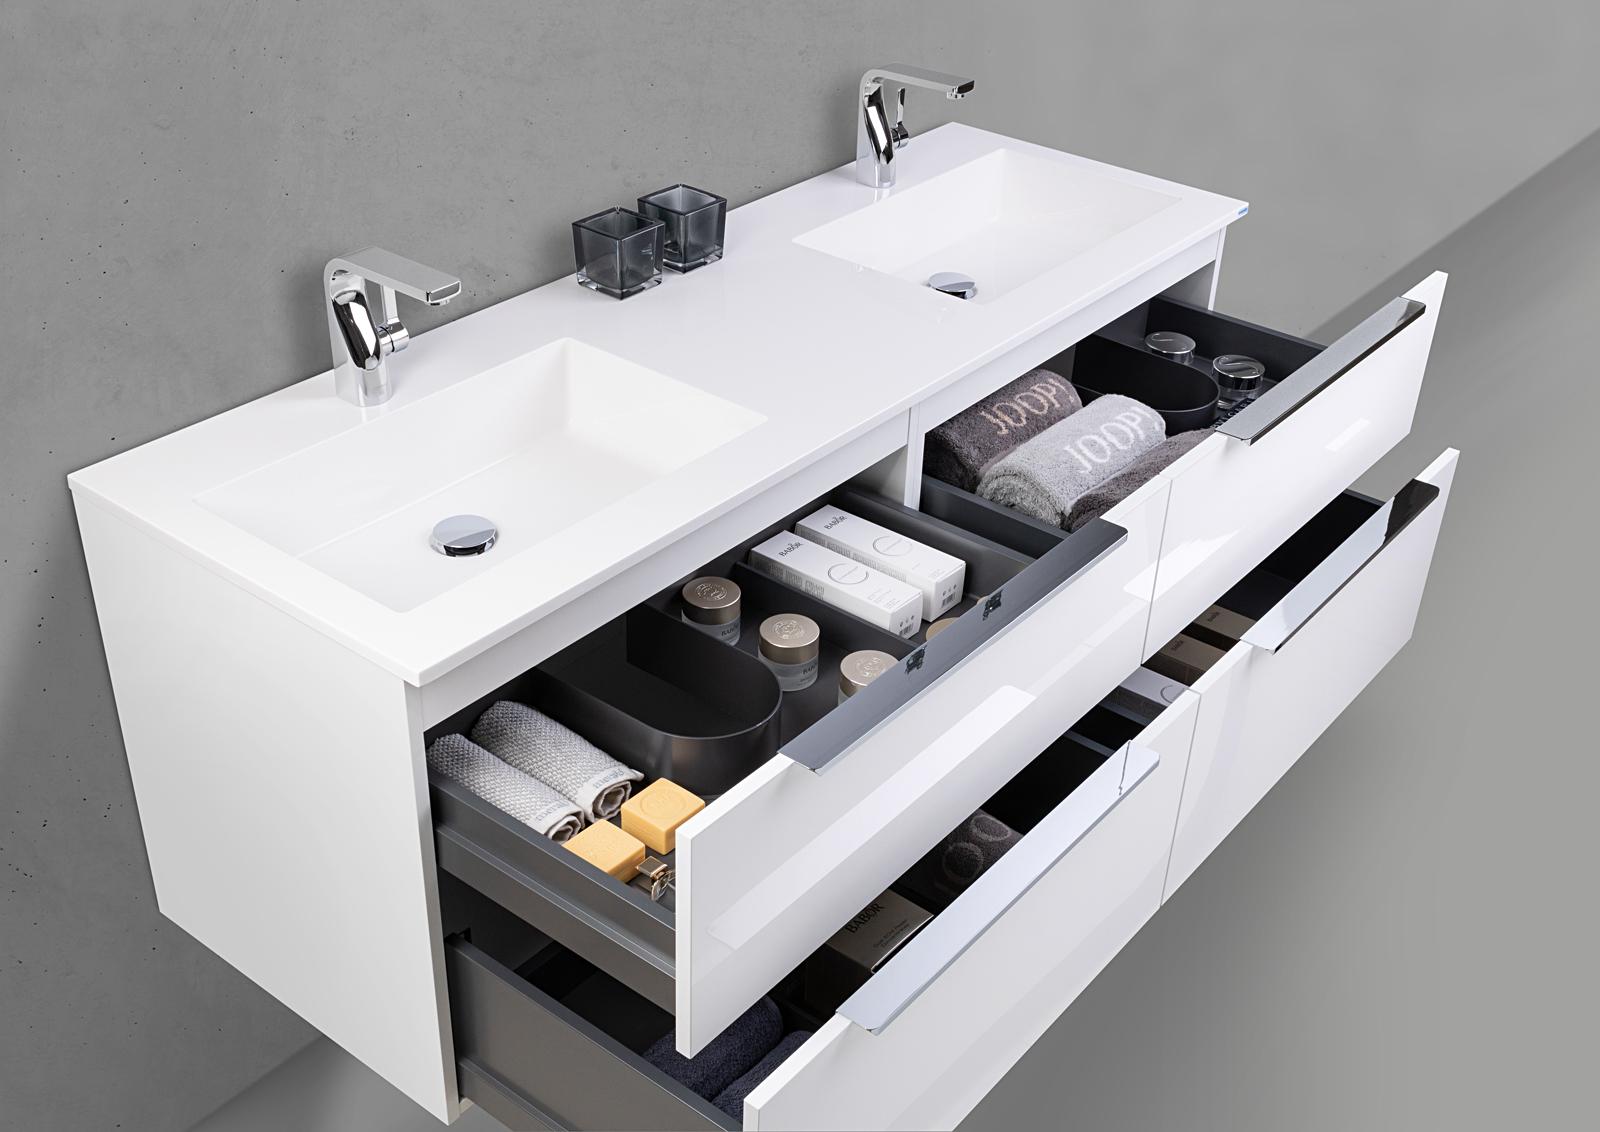 Badmöbel Set SKY Doppelwaschtisch 150 cm mit Unterschrank und Evermite Waschbecken ...